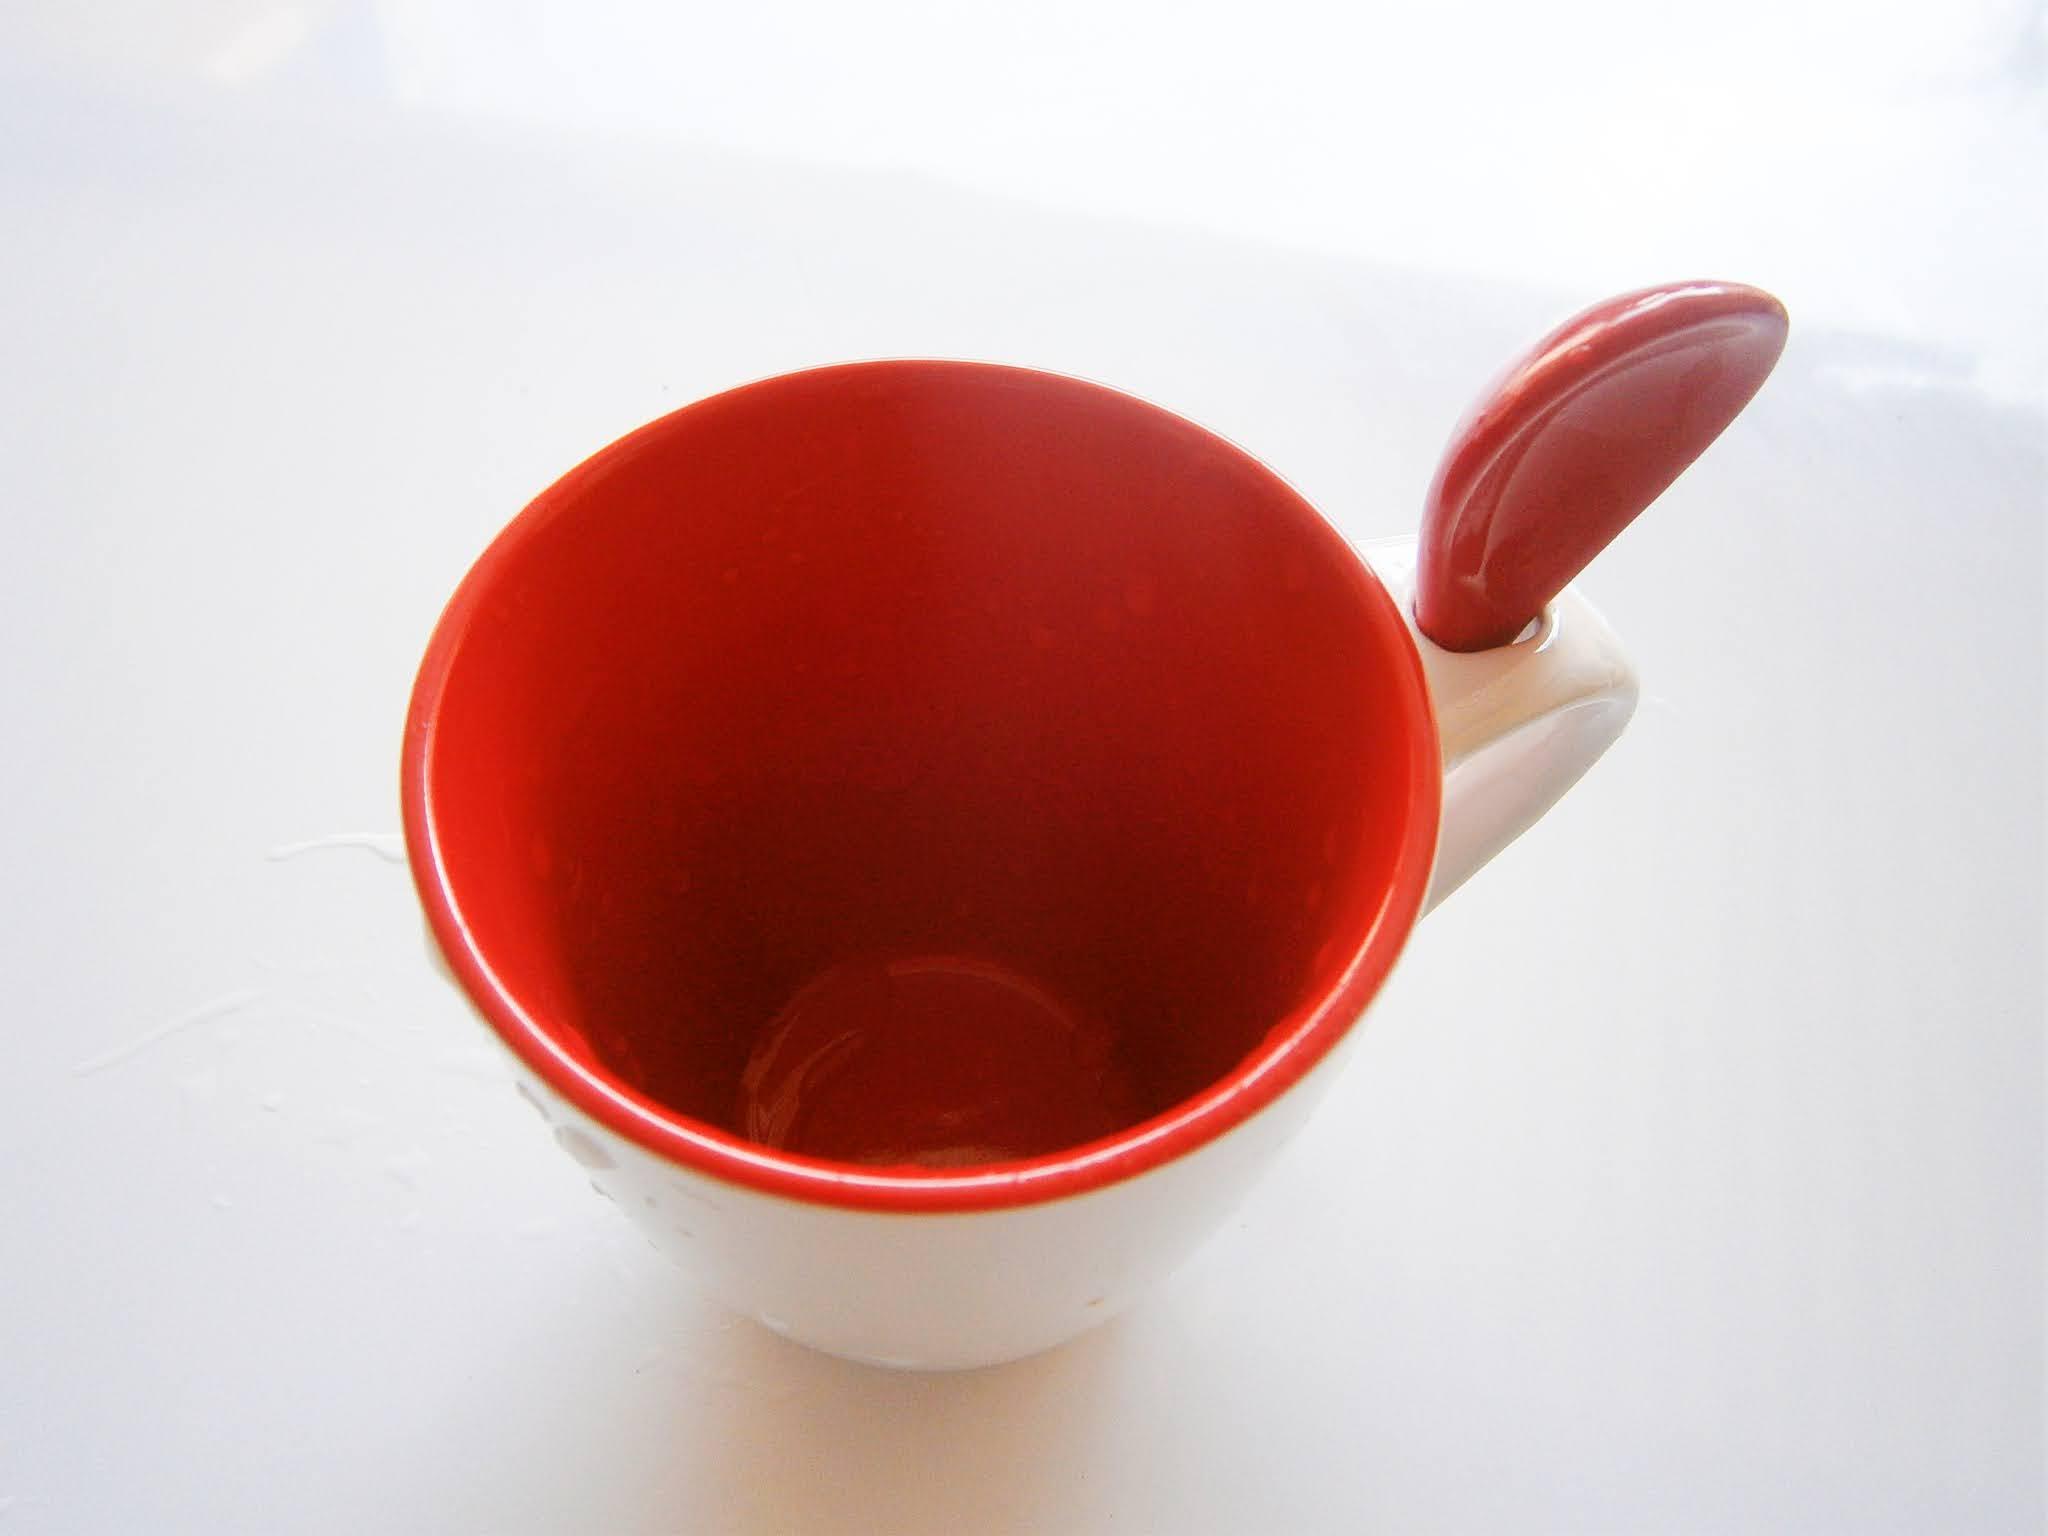 fotografía de taza de color rojo puesto sobre fondo blanco